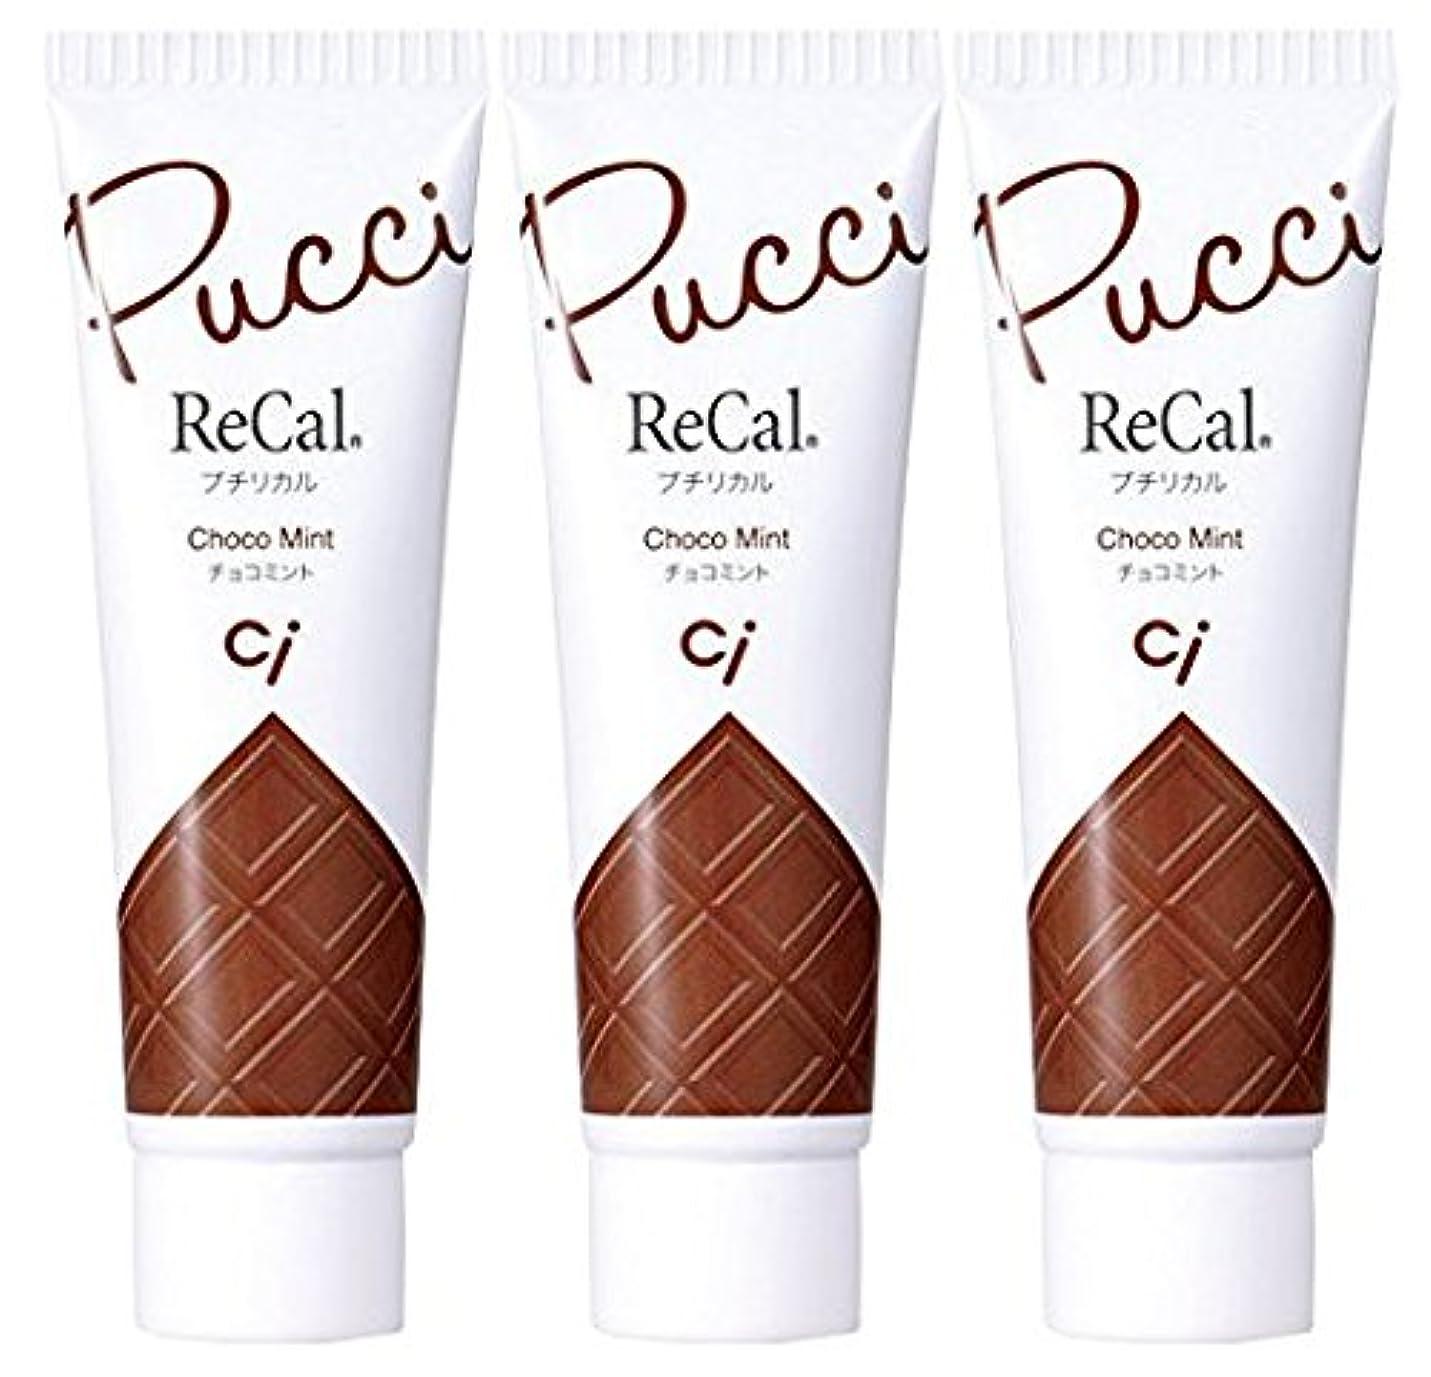 強大なスキャンしてはいけないプチリカル チョコミント 3本